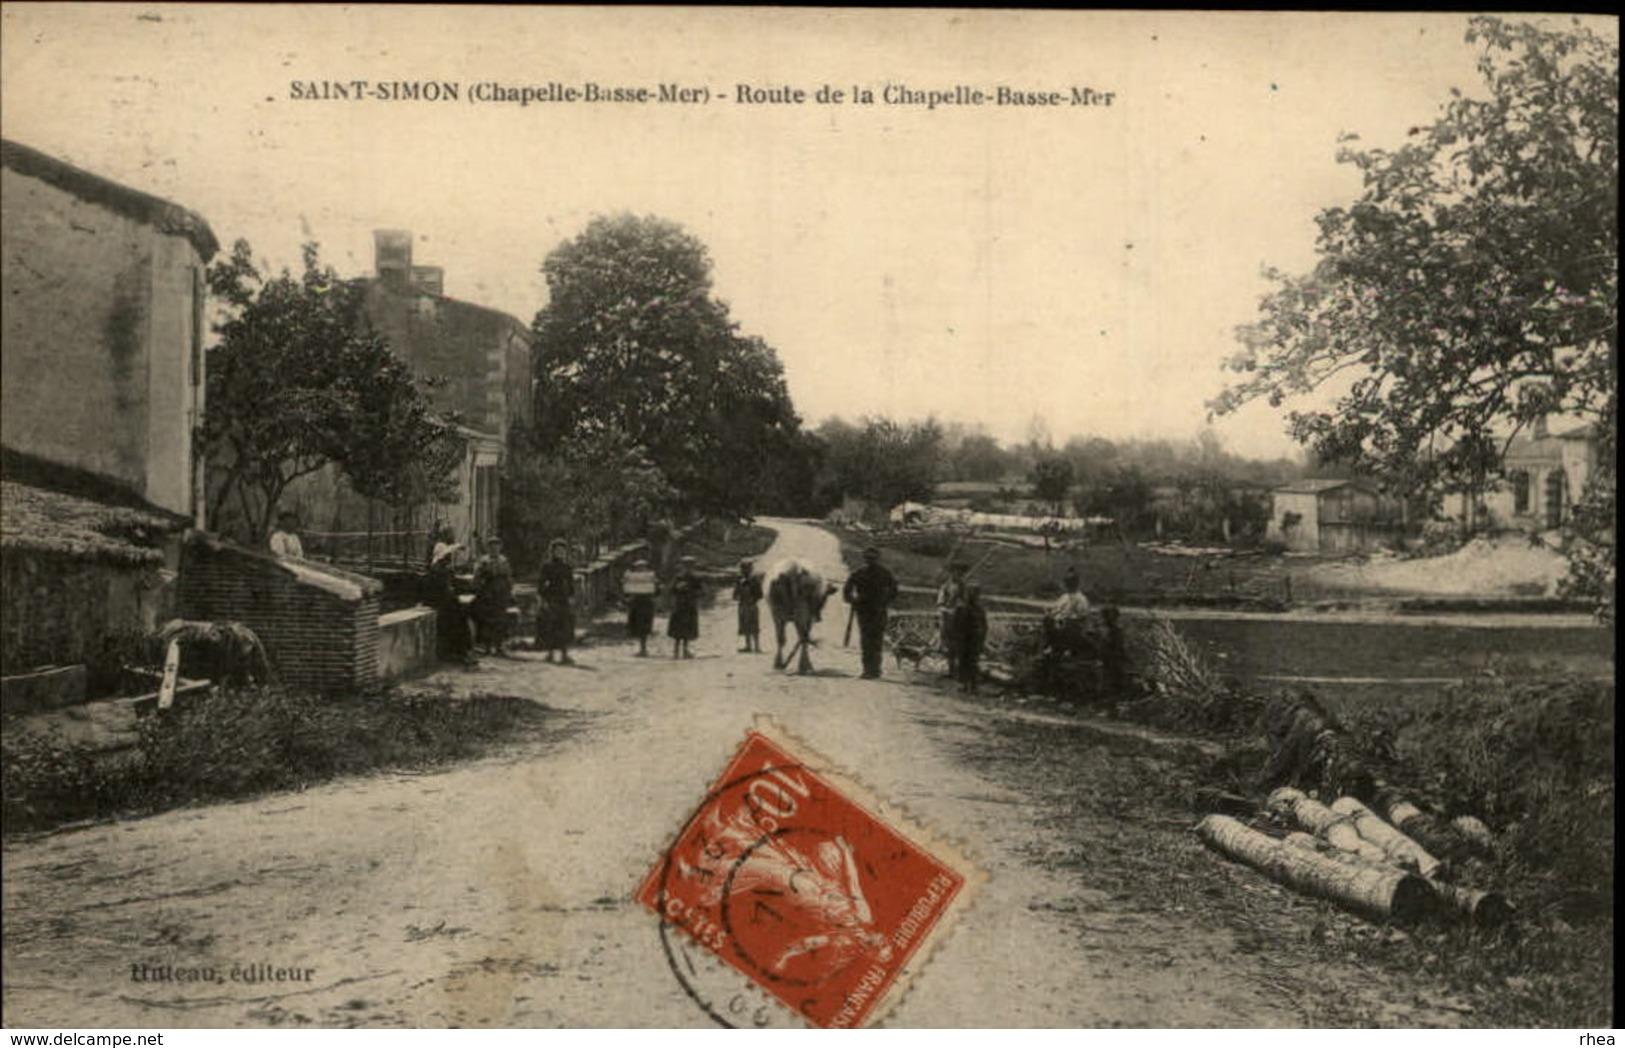 44 - LA CHAPELLE-BASSE-MER - St Simon - Journaux - Quotidiens